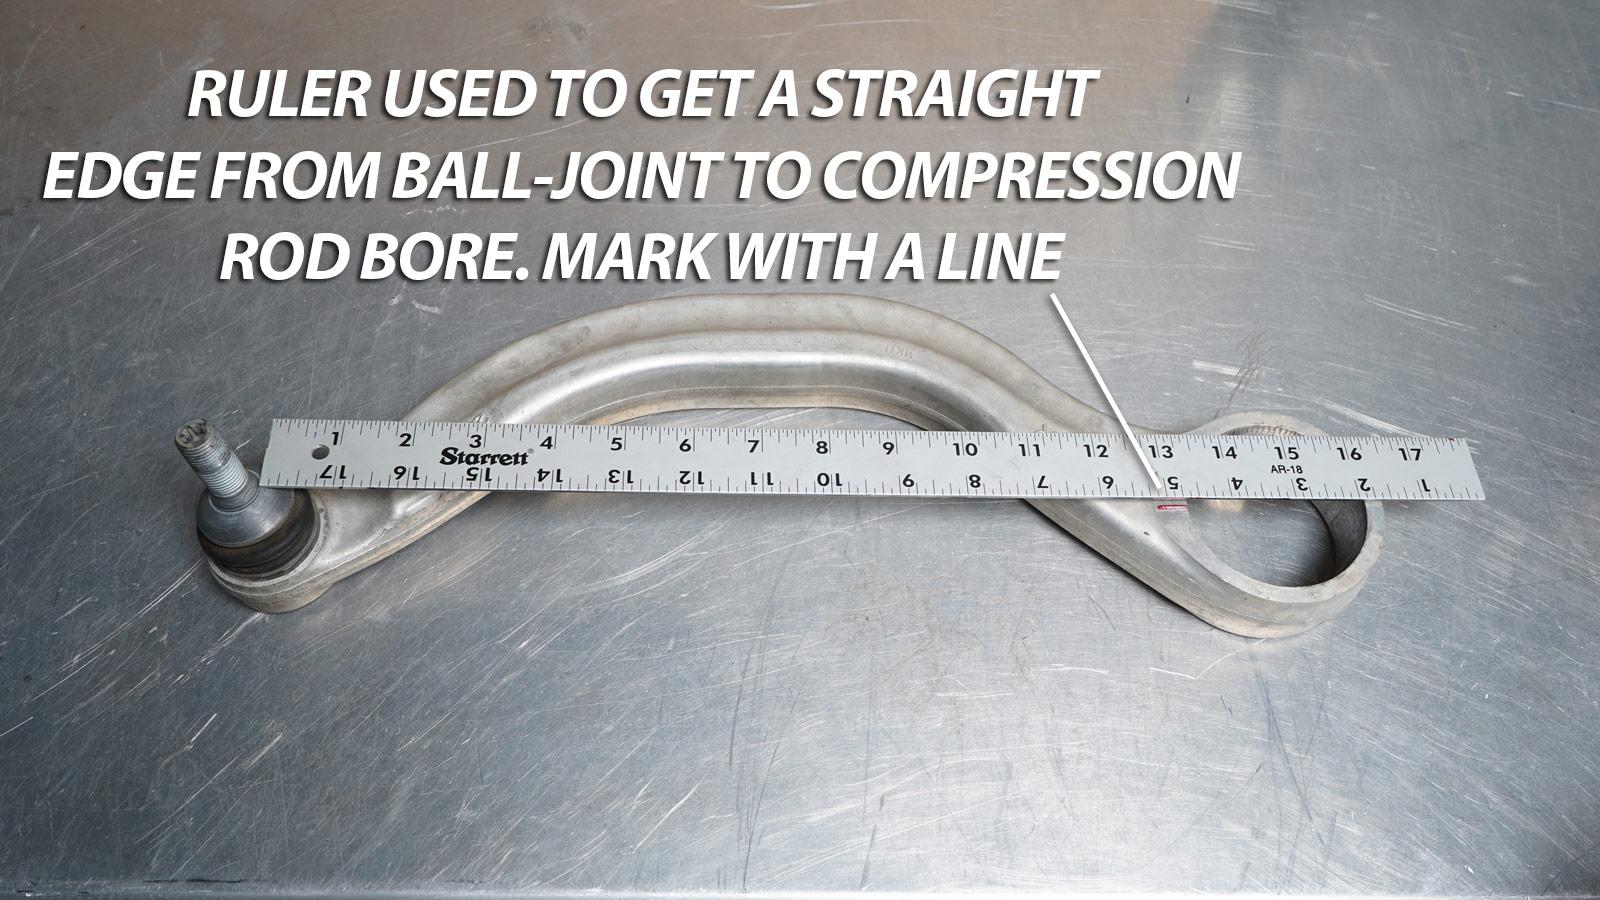 Tesla front compression rod suspension link